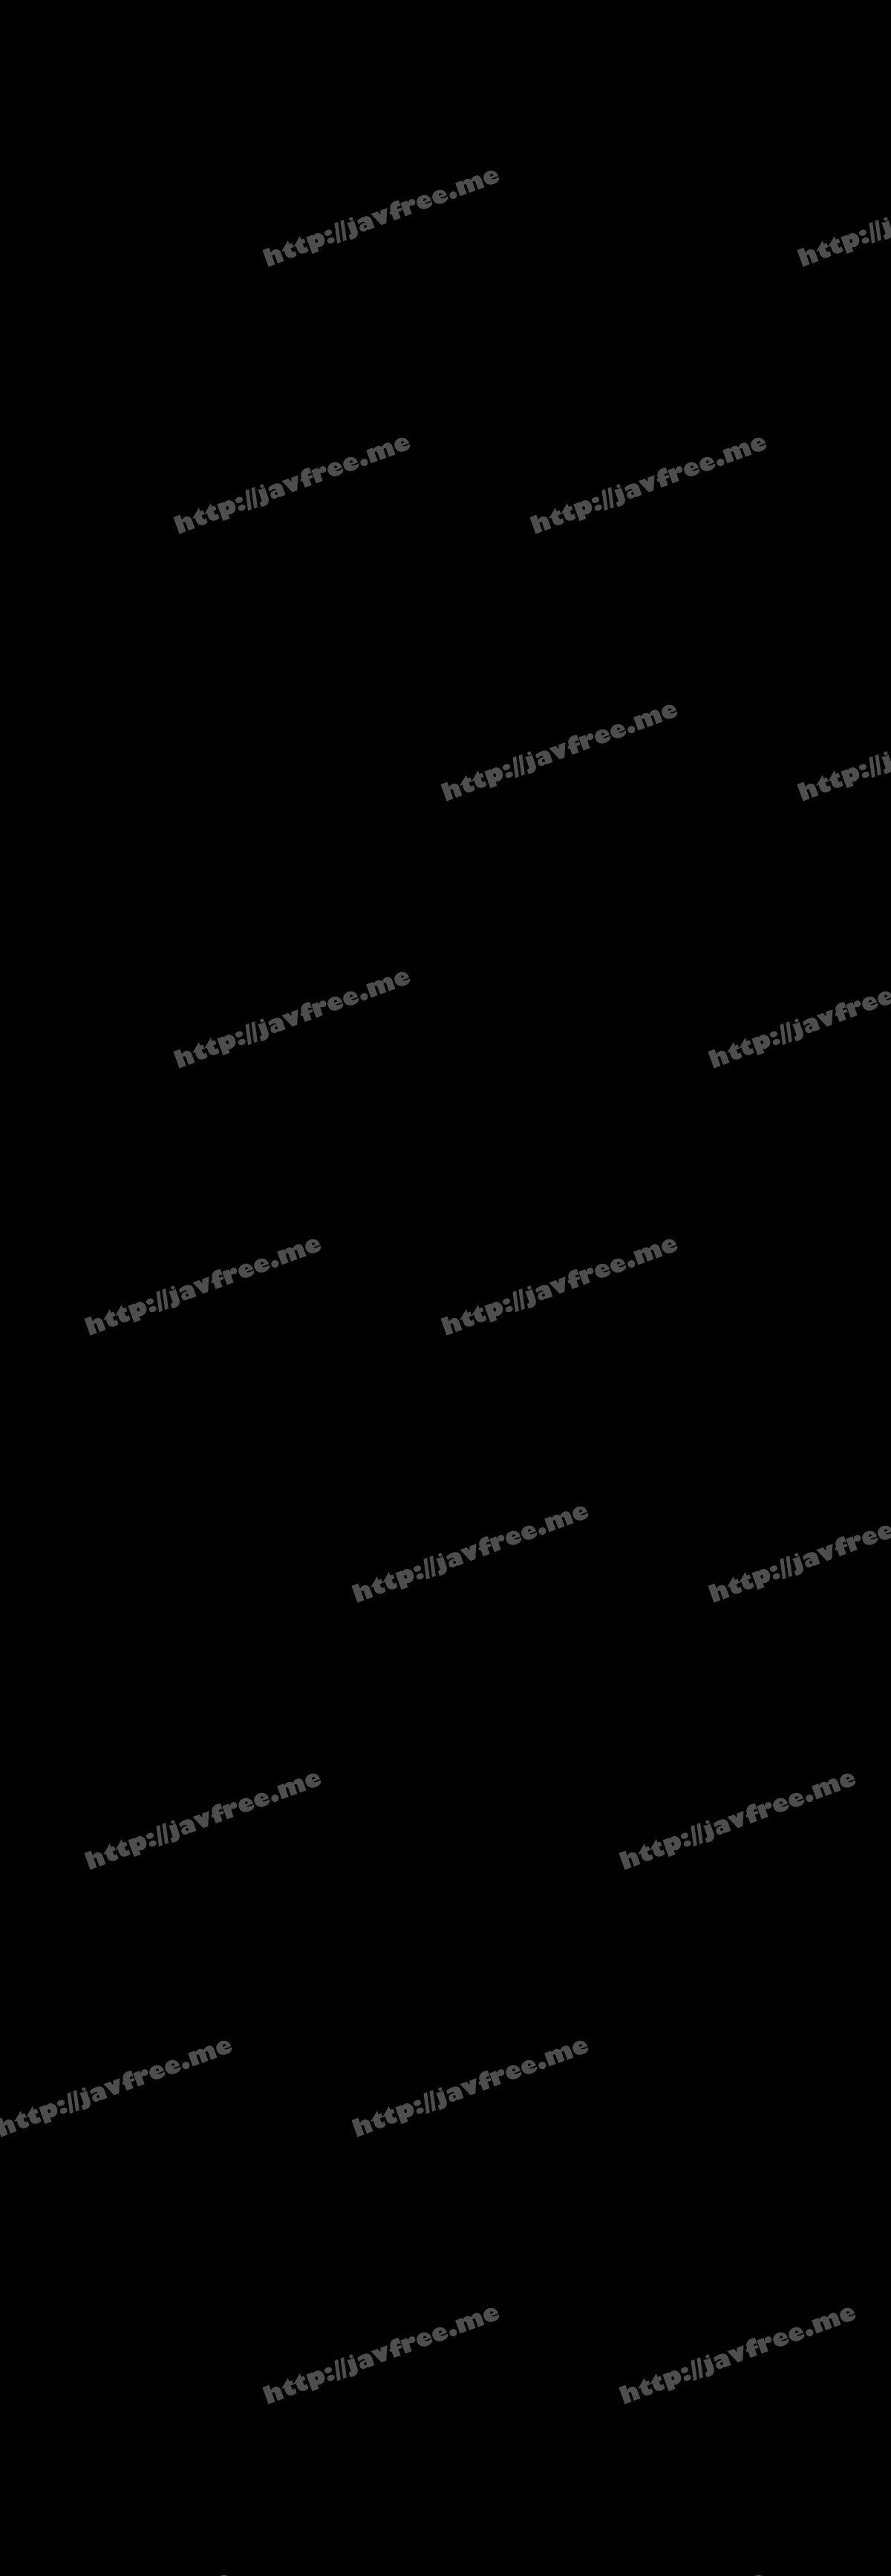 [HD][IBW-722] 美少女連れ込み強制わいせつ映像集2枚組8時間 - image IBW-722a-720p on https://javfree.me